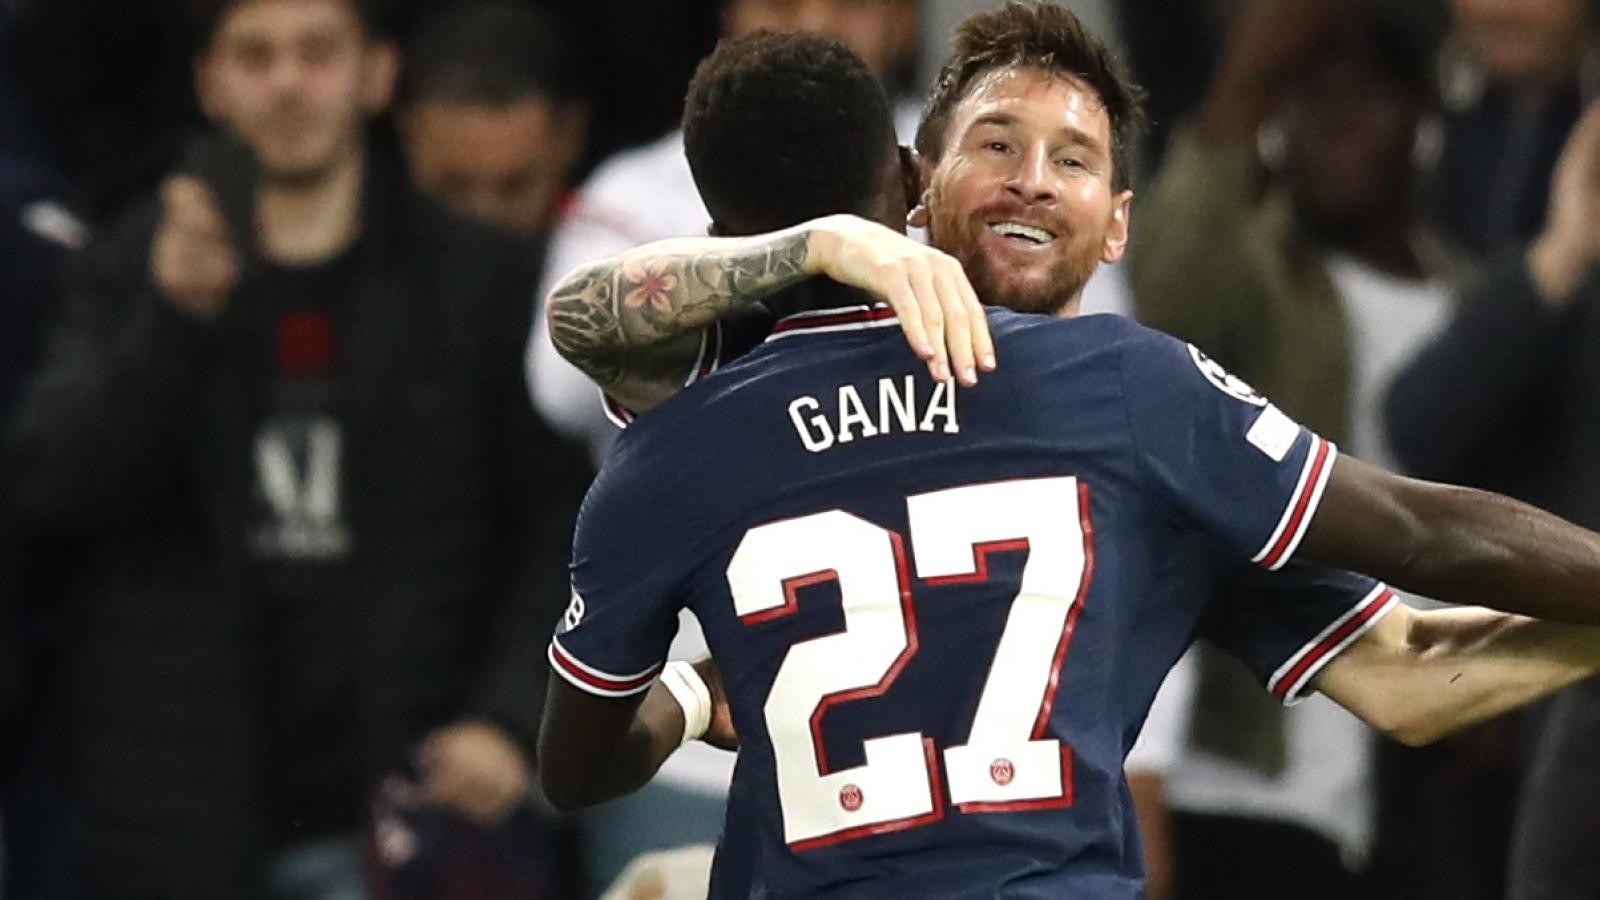 TRỰC TIẾP PSG 2-0 Man City: Mbappe kiến tạo, Messi ghi bàn